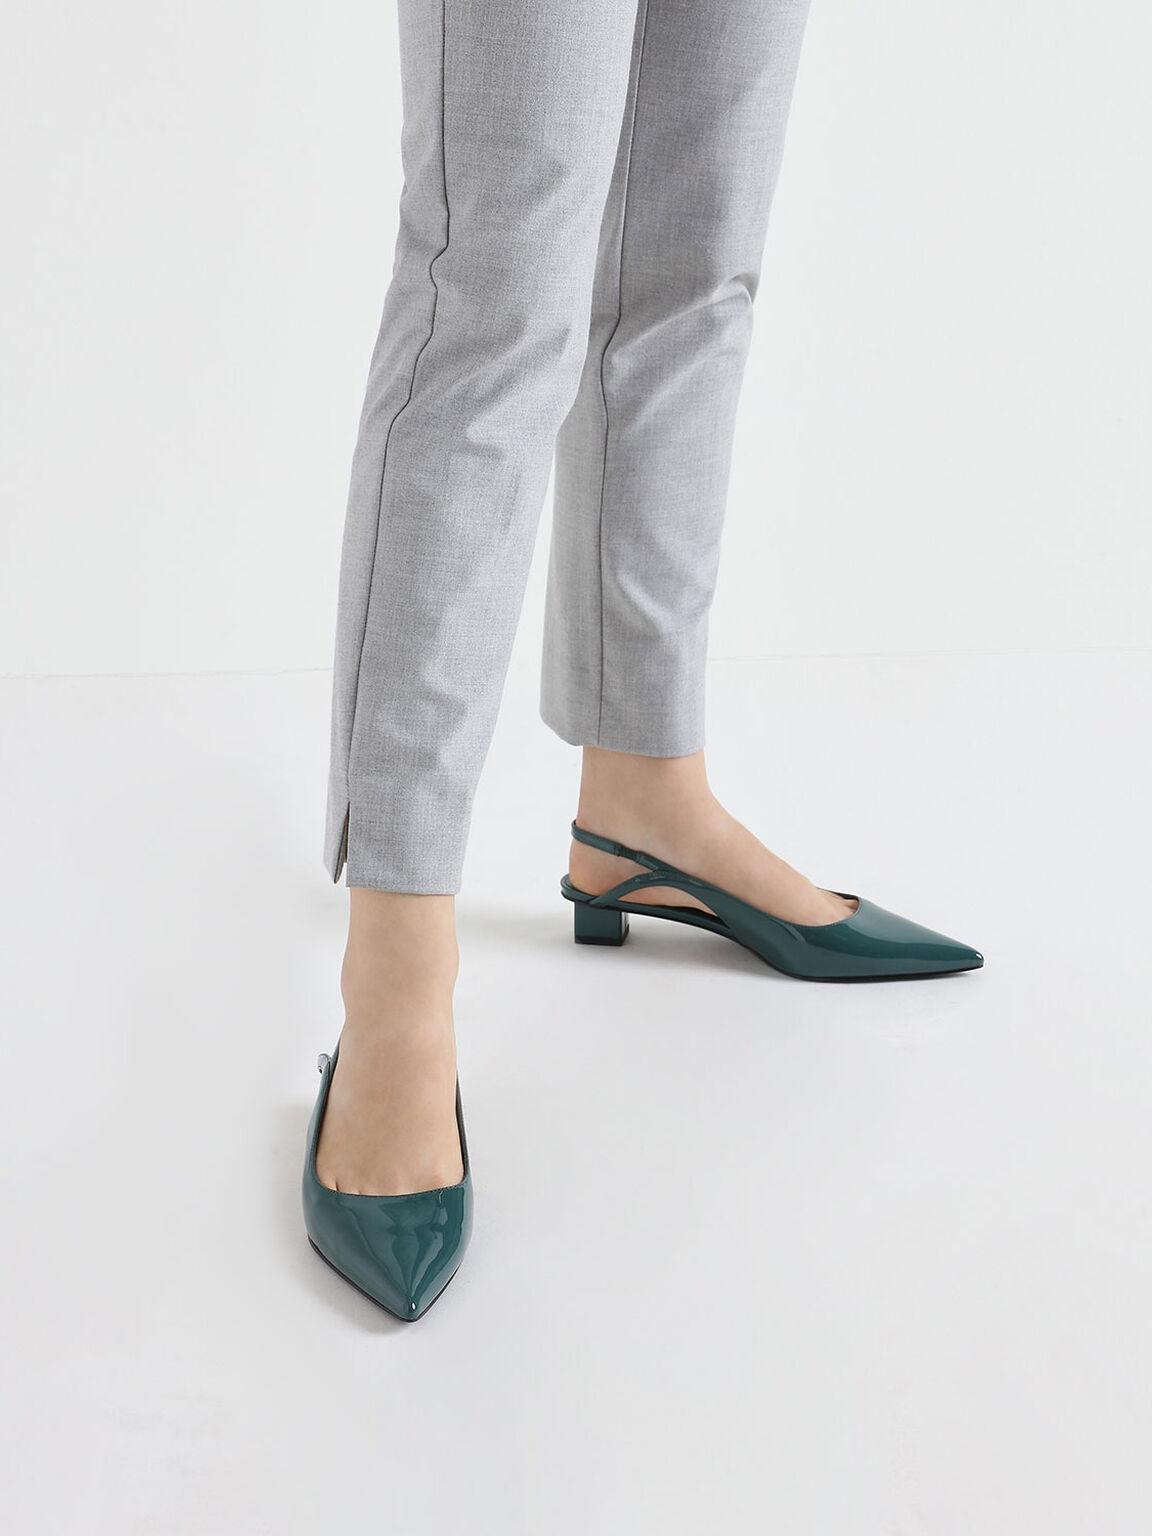 Low Block Heel Patent Slingback Pumps, Green, hi-res